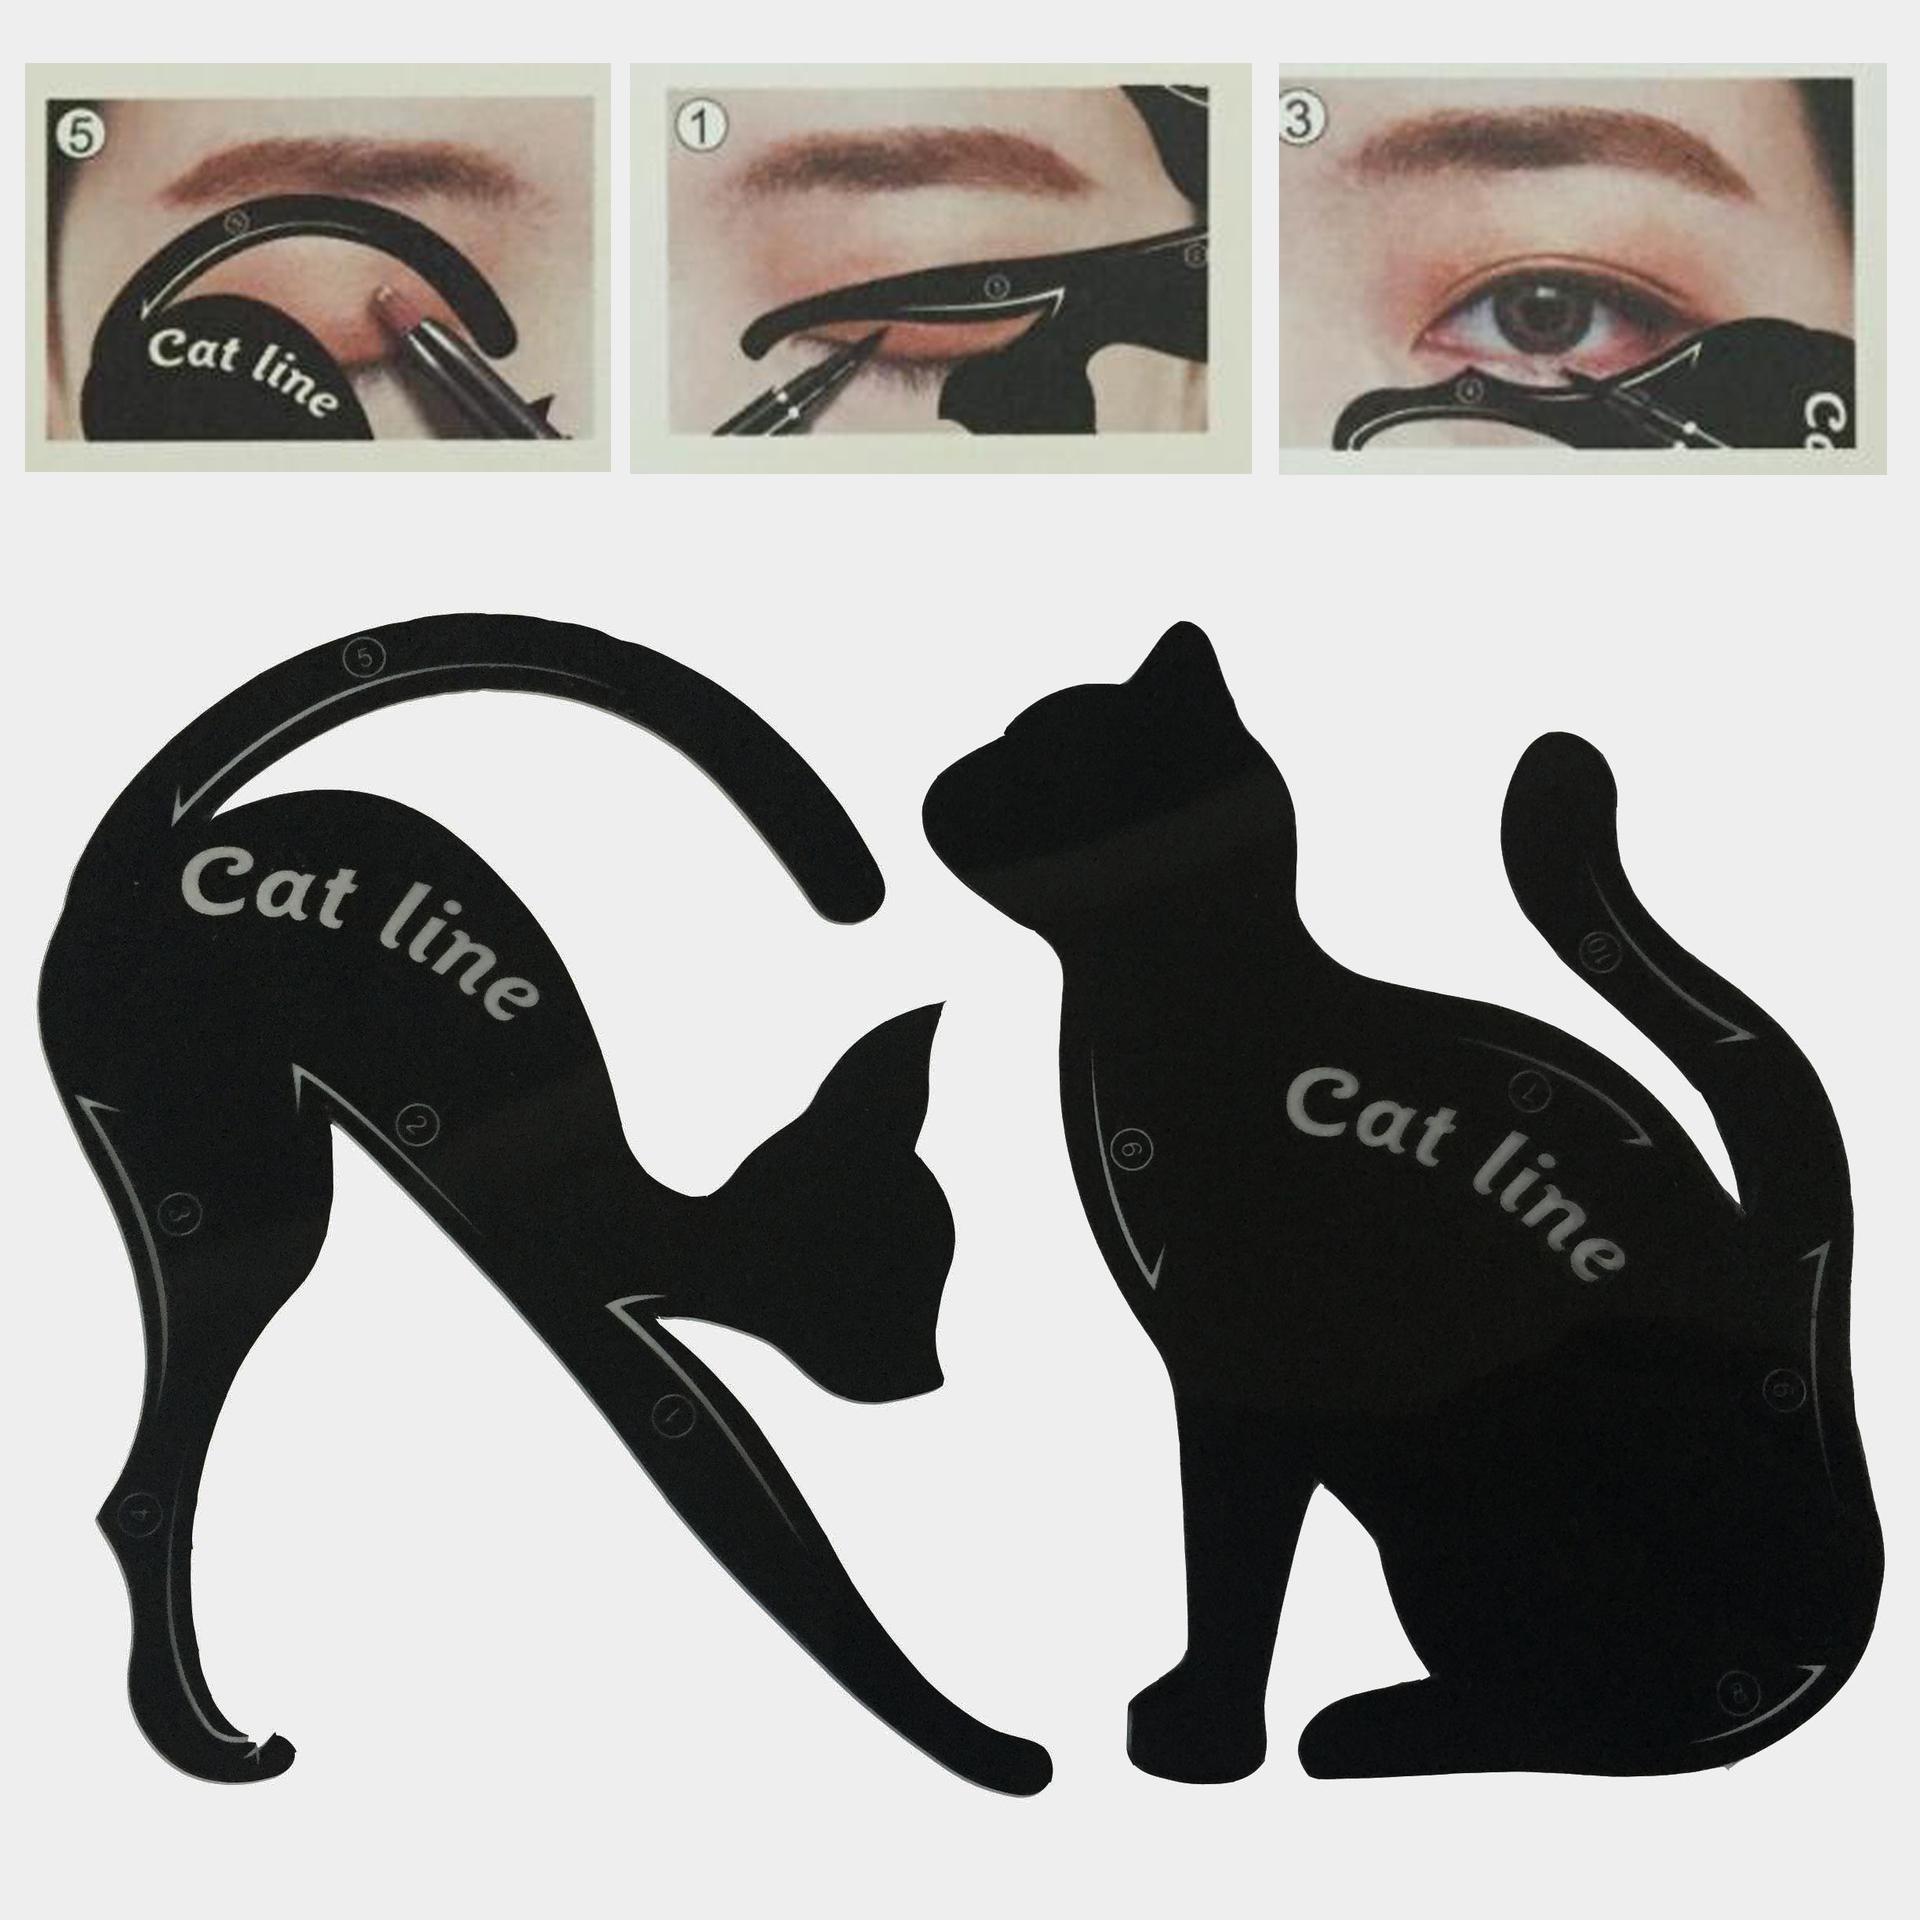 Beauty Eyebrow mold Stencils 2Pcs/Lot Women Cat Line Pro Eye Makeup Tool Eyeliner Stencils Template Shaper Model for women